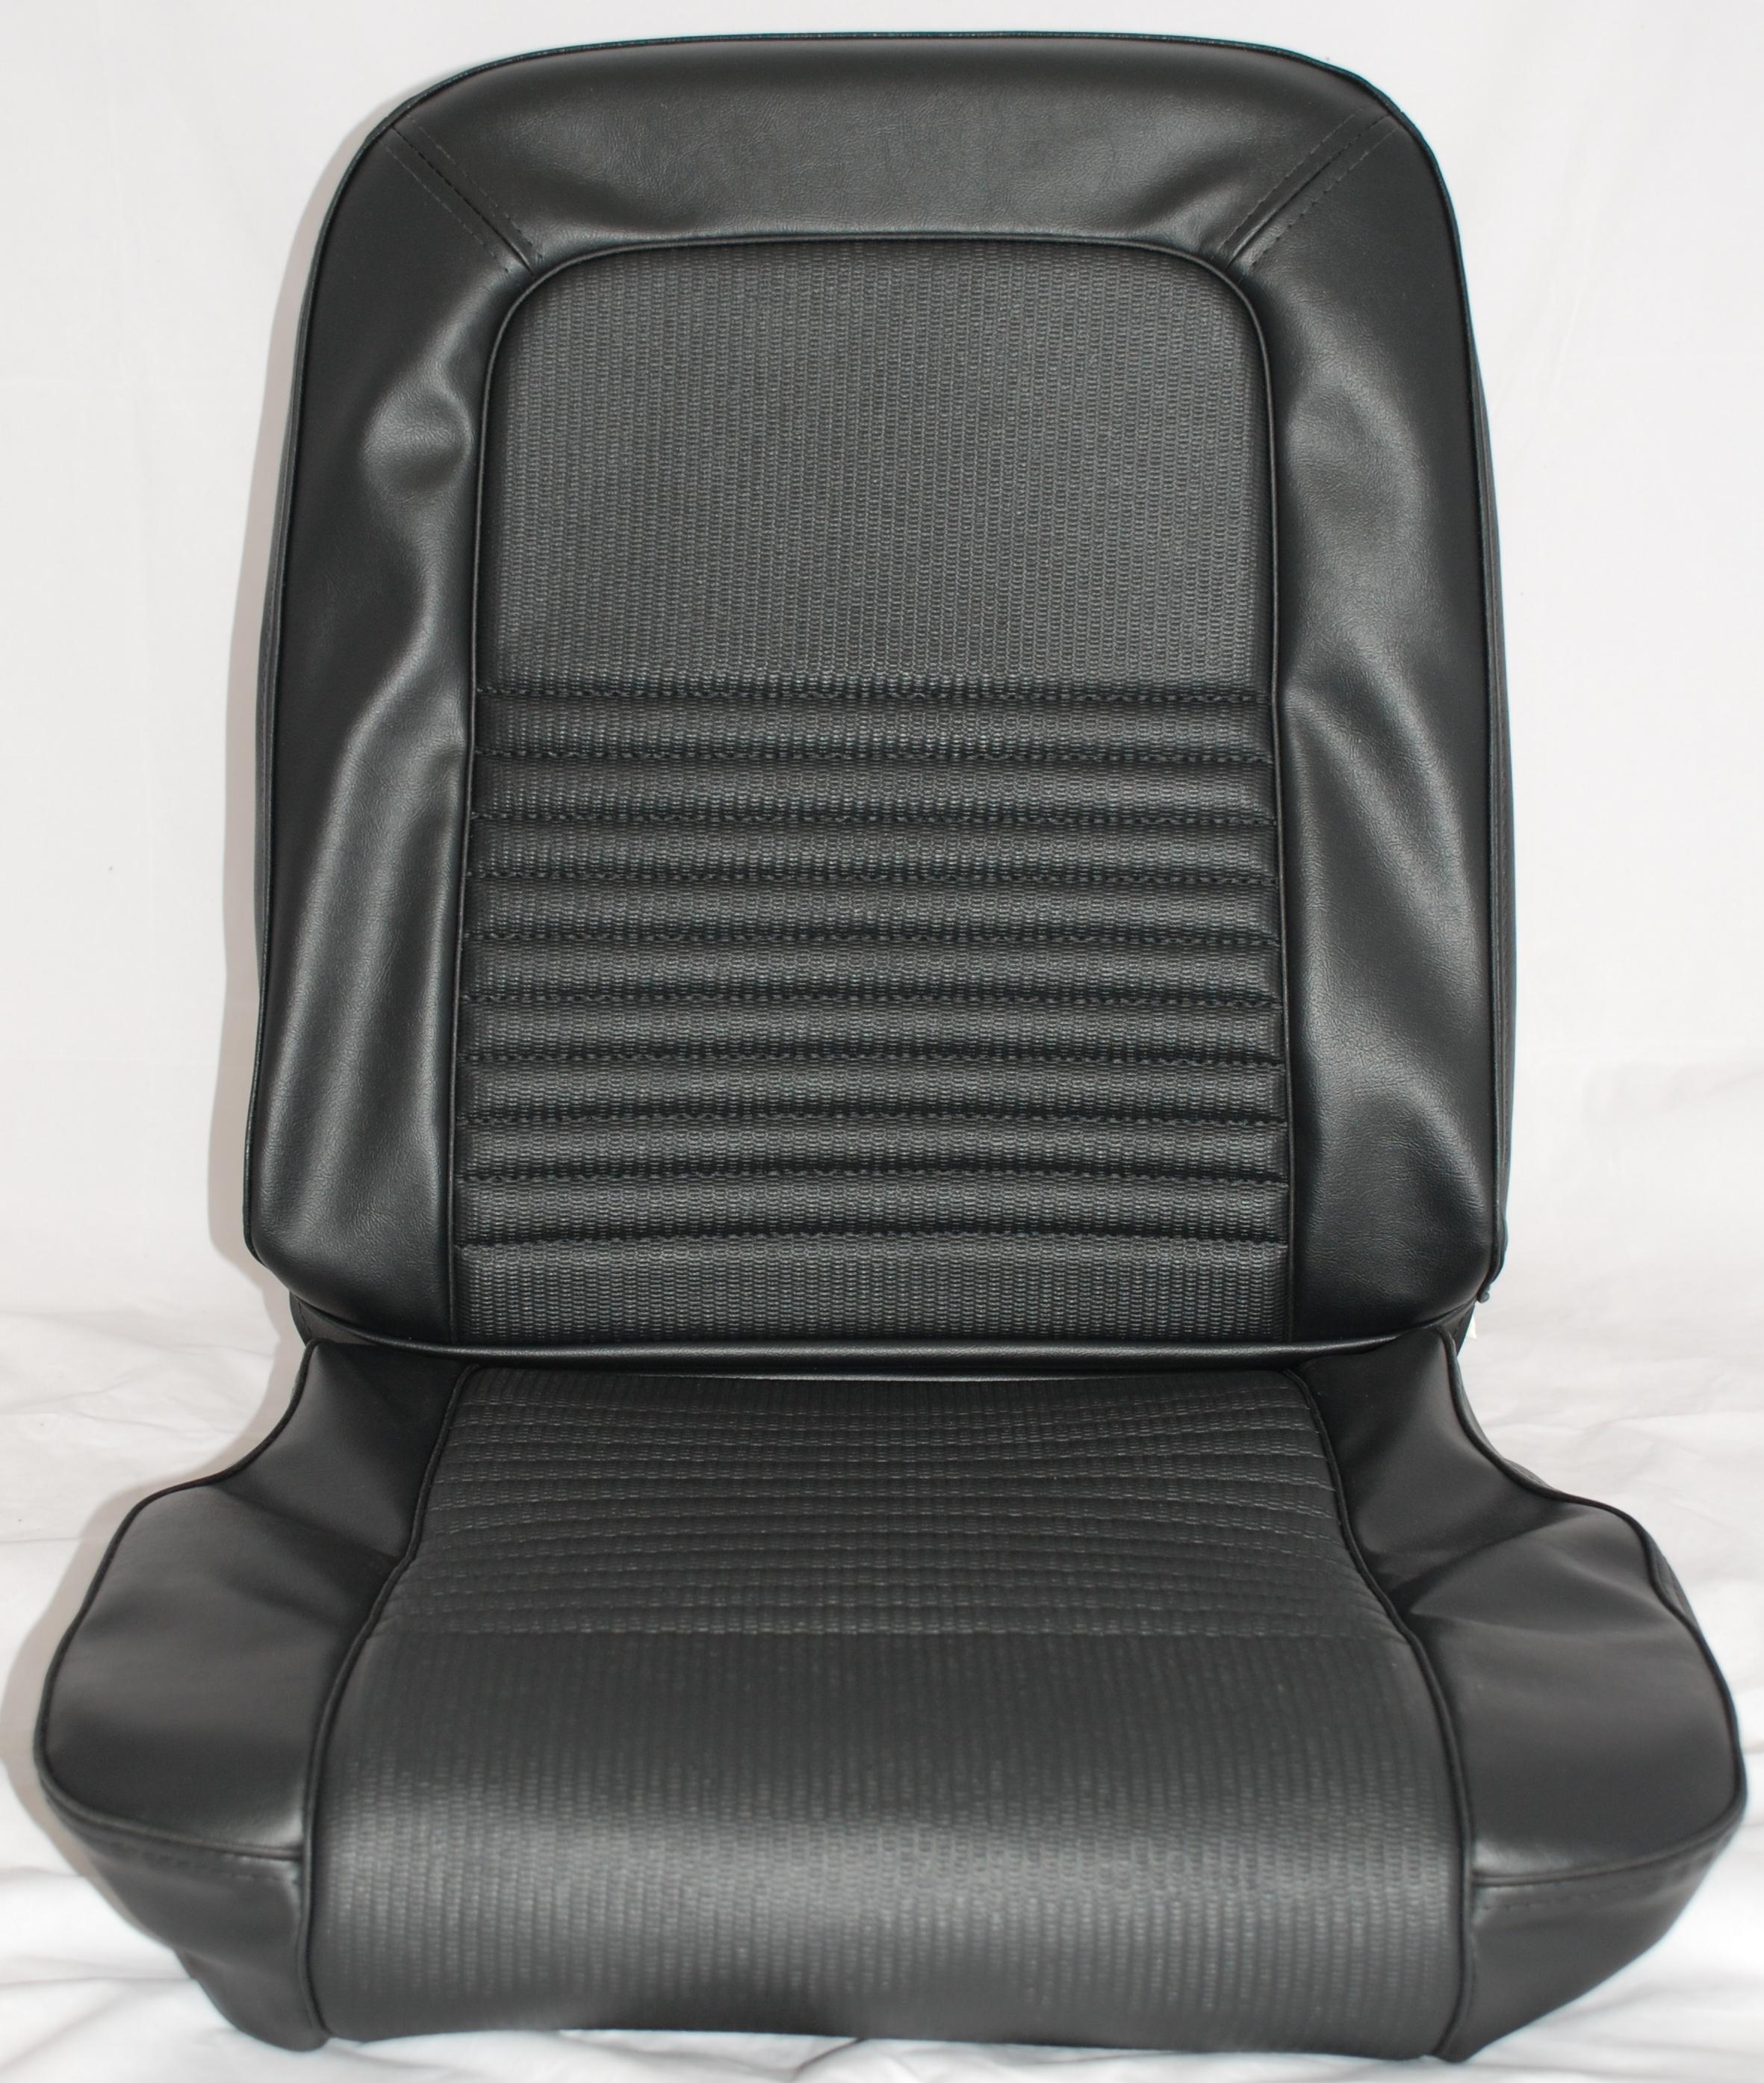 1967 Mustang Deluxe Bucket Upholstery